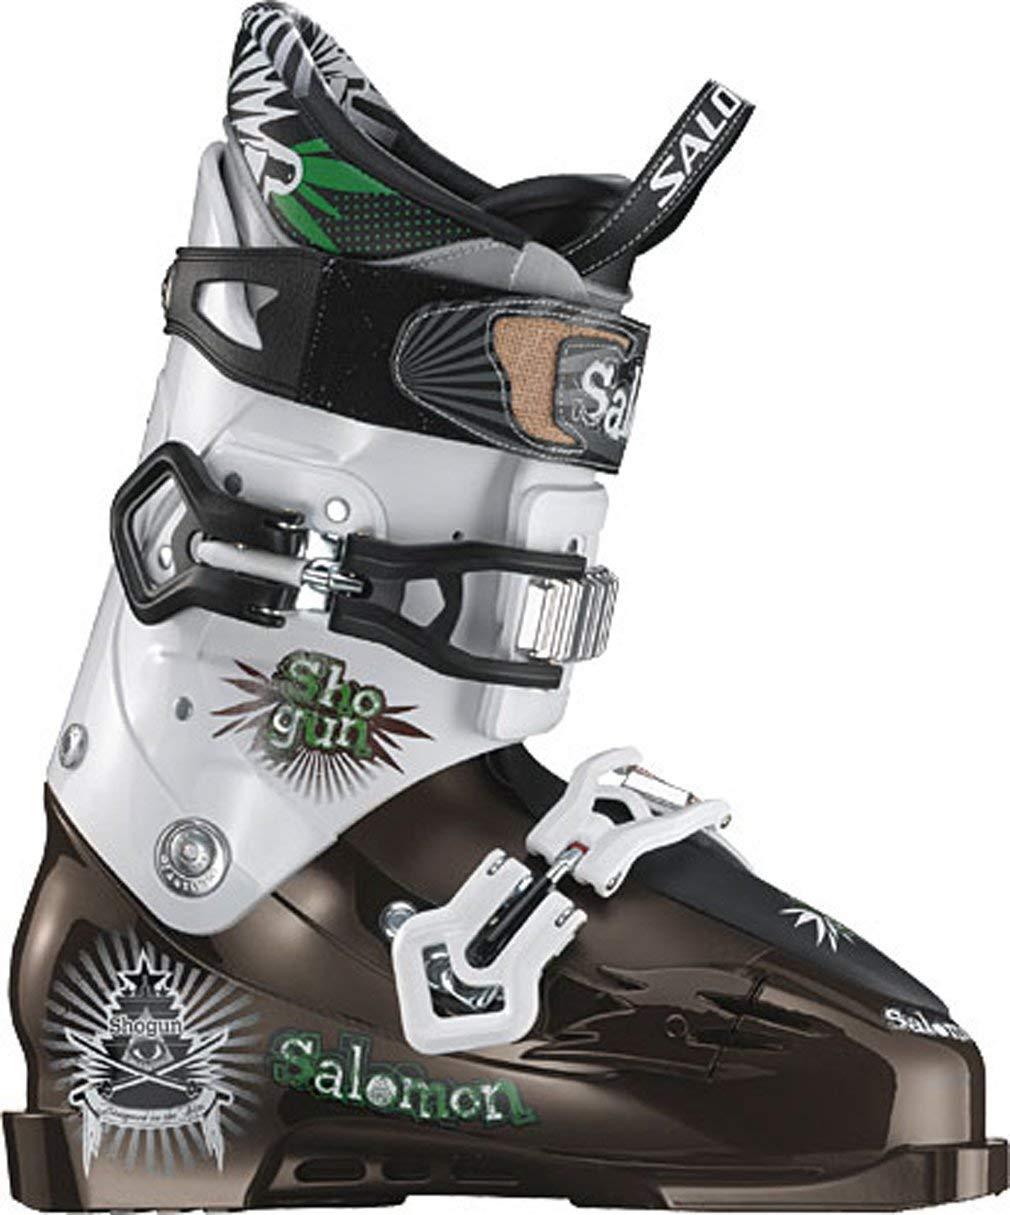 Salomon Shogun Ski Boots Brown White 00e20564969b